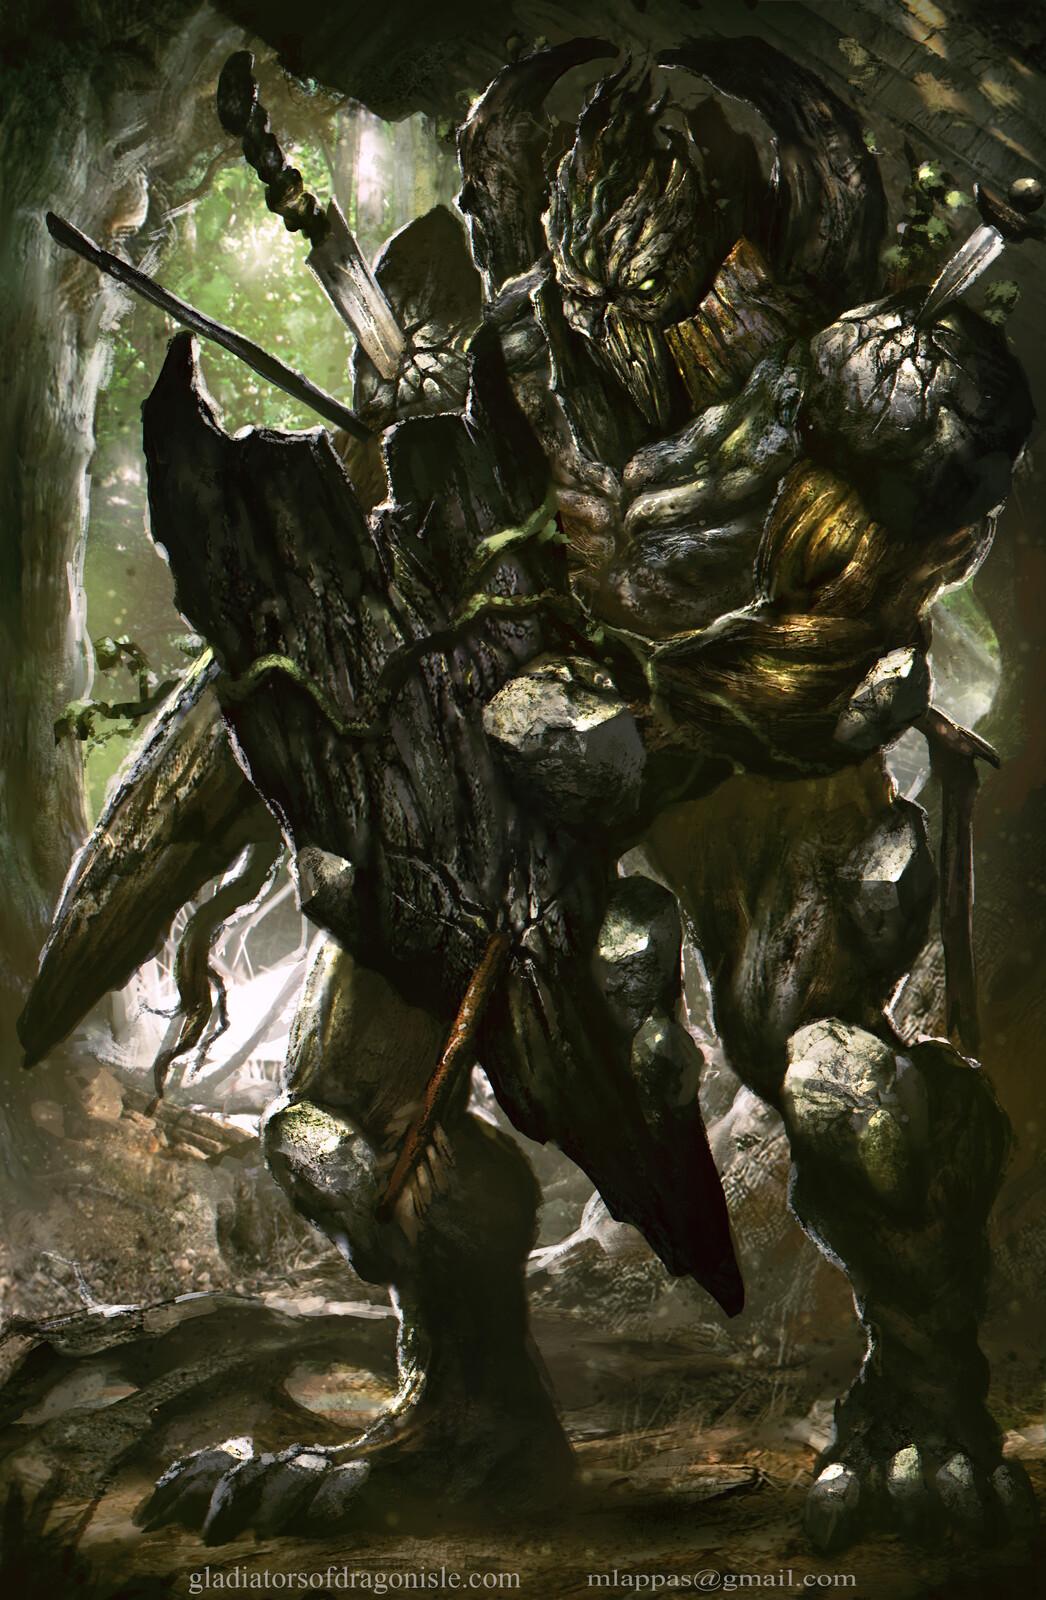 Kaan- Gladiators of Dragon Isle